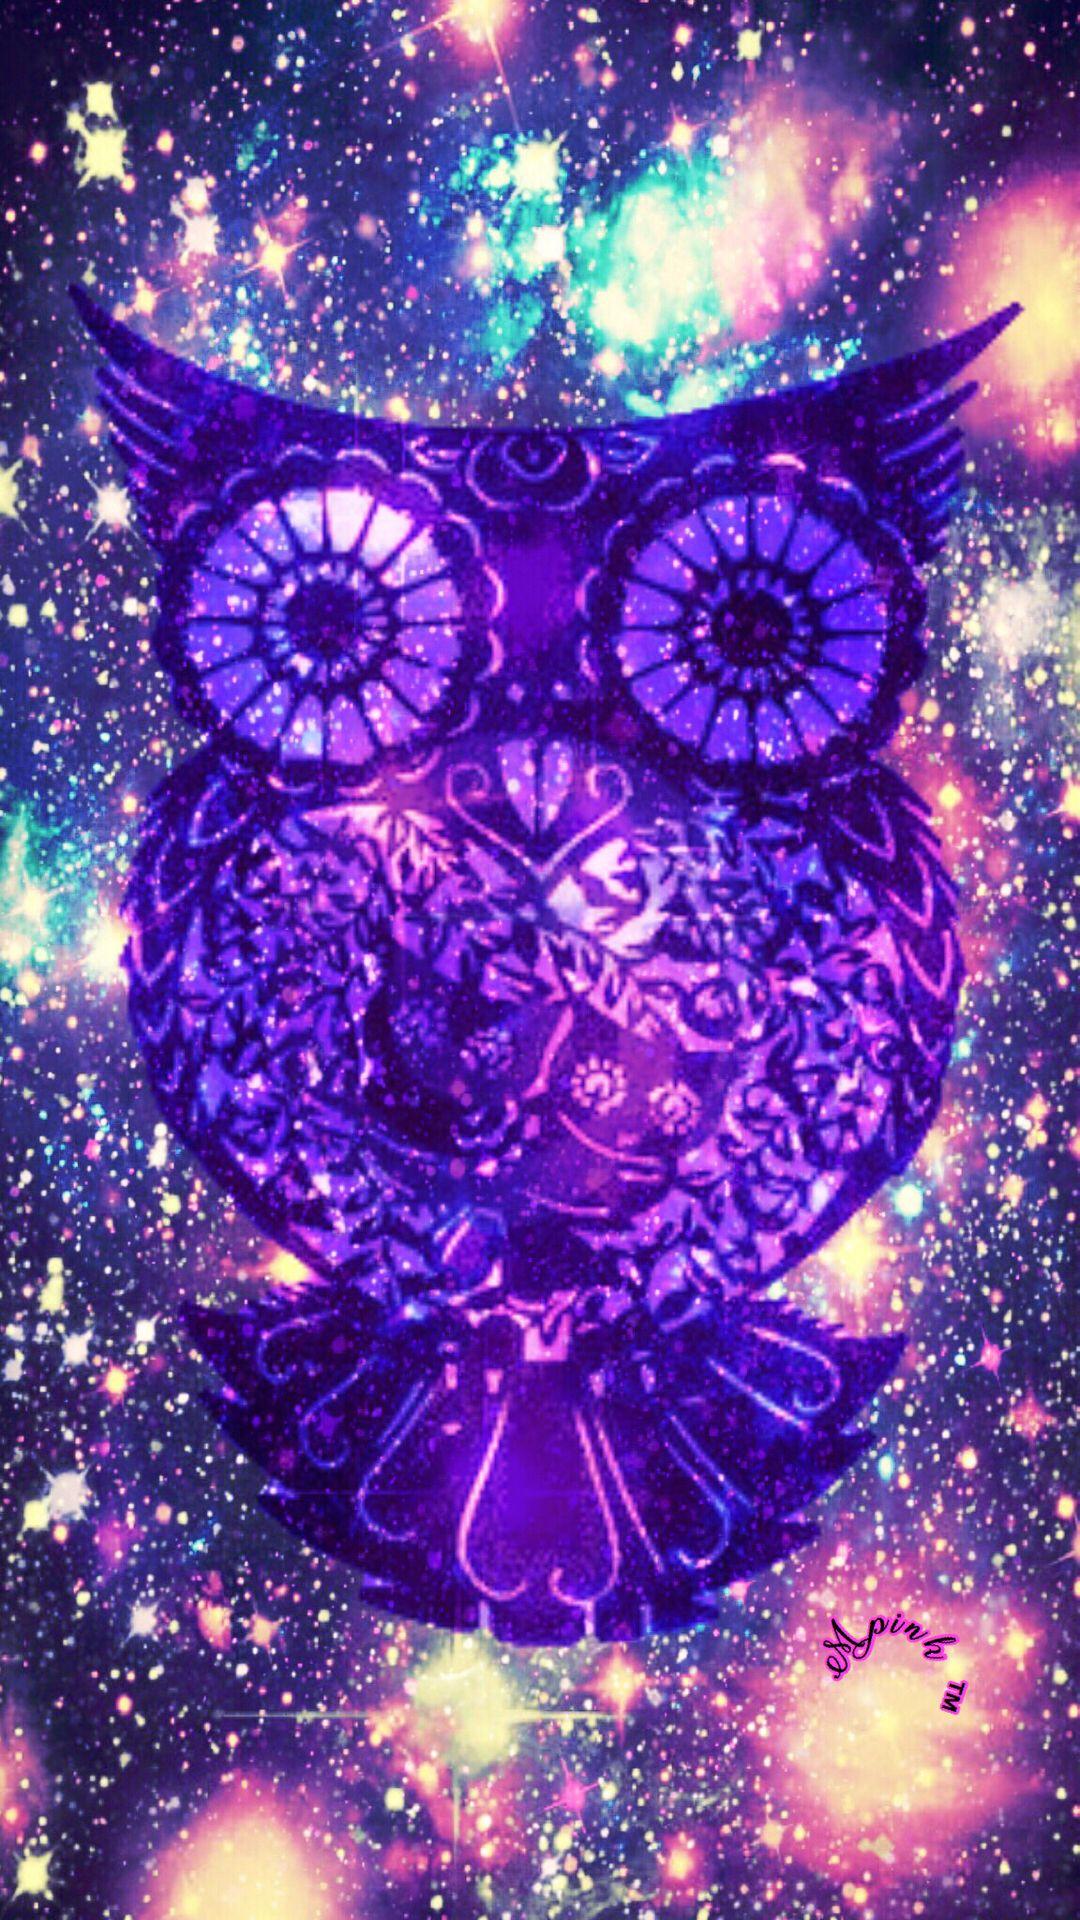 Star Galaxy Owl Wallpaper Androidwallpaper Iphonewallpaper Sparkle Glitter